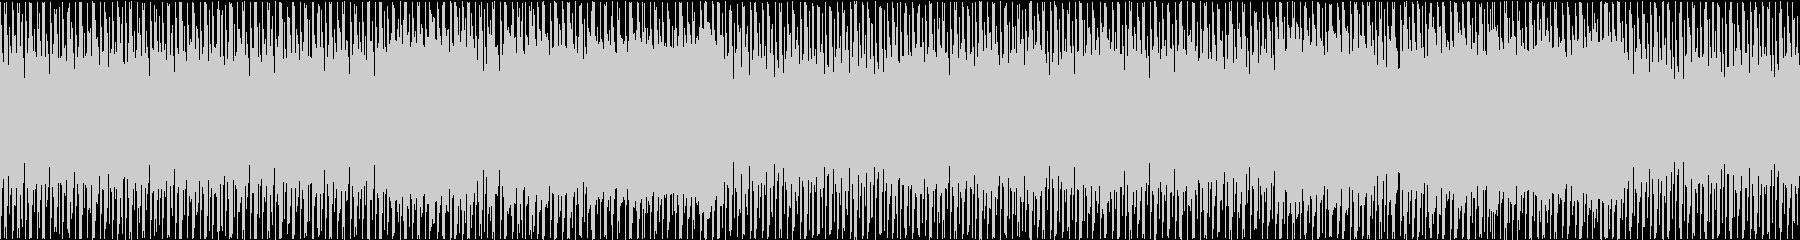 アラビア風インスト音楽。の未再生の波形